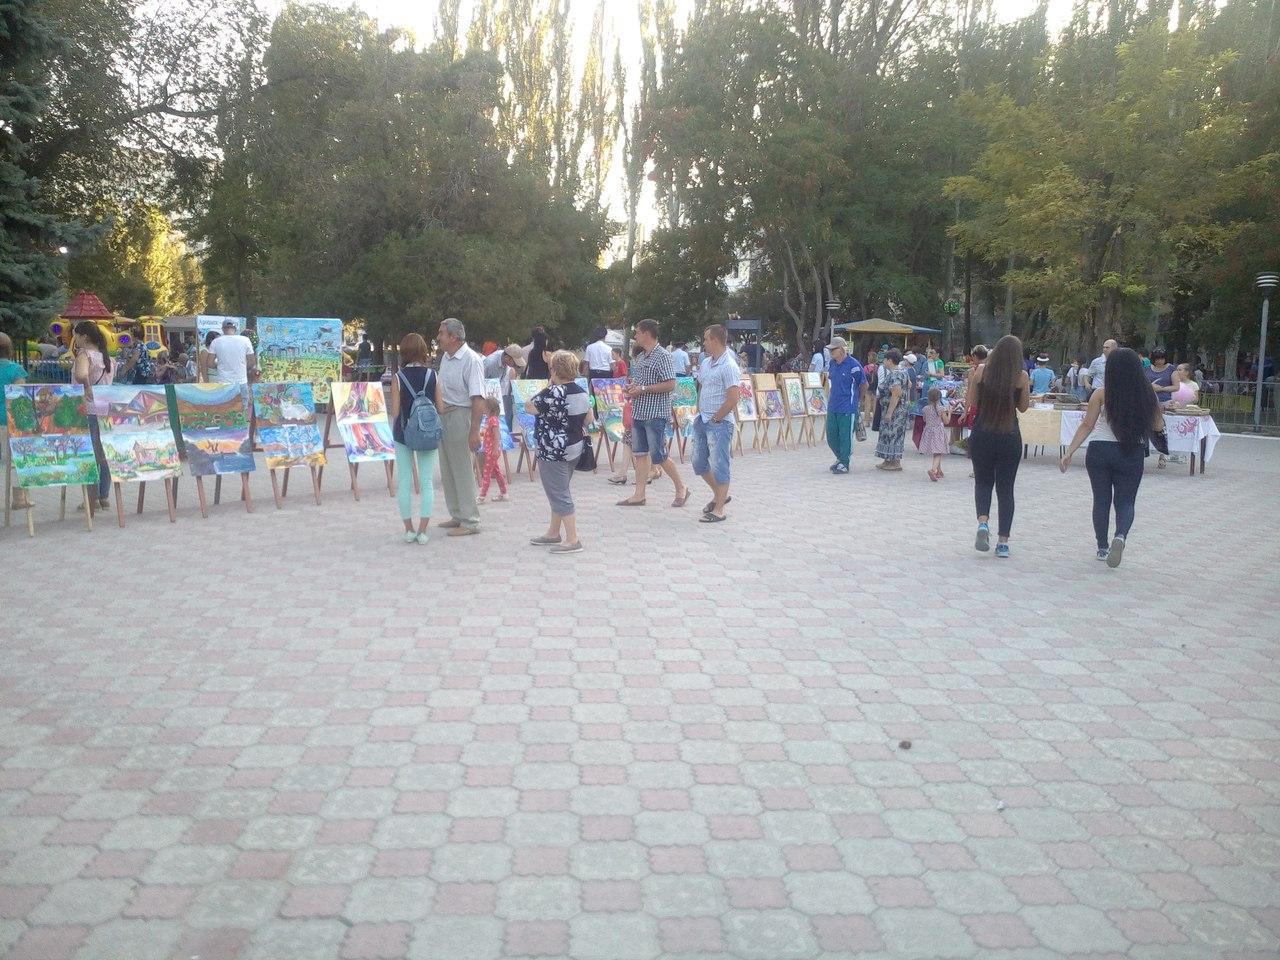 Во время годовщины 281 города Армянск на главной площади были организованы различные выставки